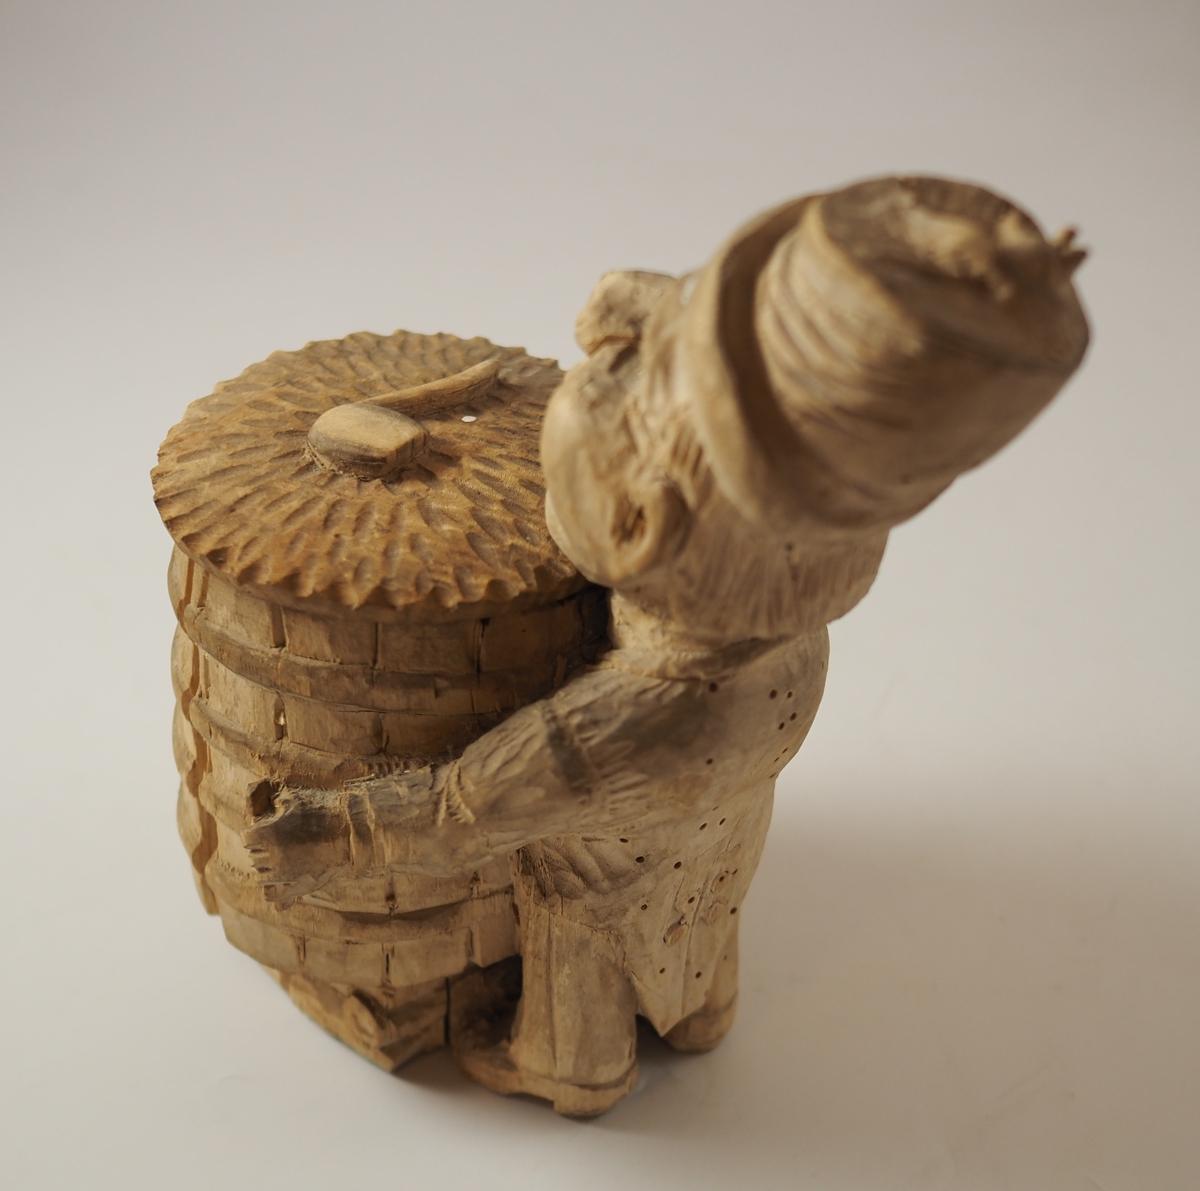 Mann og krukke skåret i tre med grove, enkle redskaper. Ei pipe er skåret på lokket til krukka. I hatten til mannen sitter ei mus. Inskripsjon risset inn under figuren.